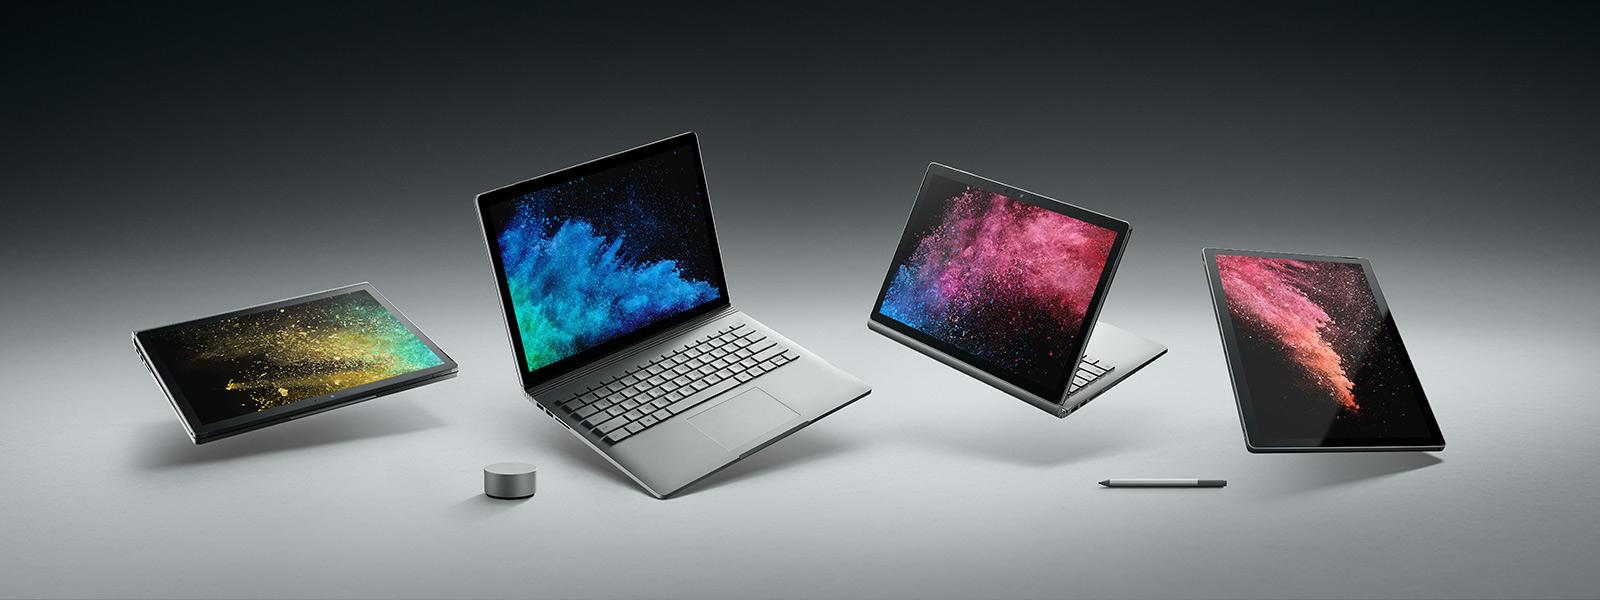 Le Surface Book 2 est présenté dans différents modes, avec le Surface Dial et le stylet Surface.